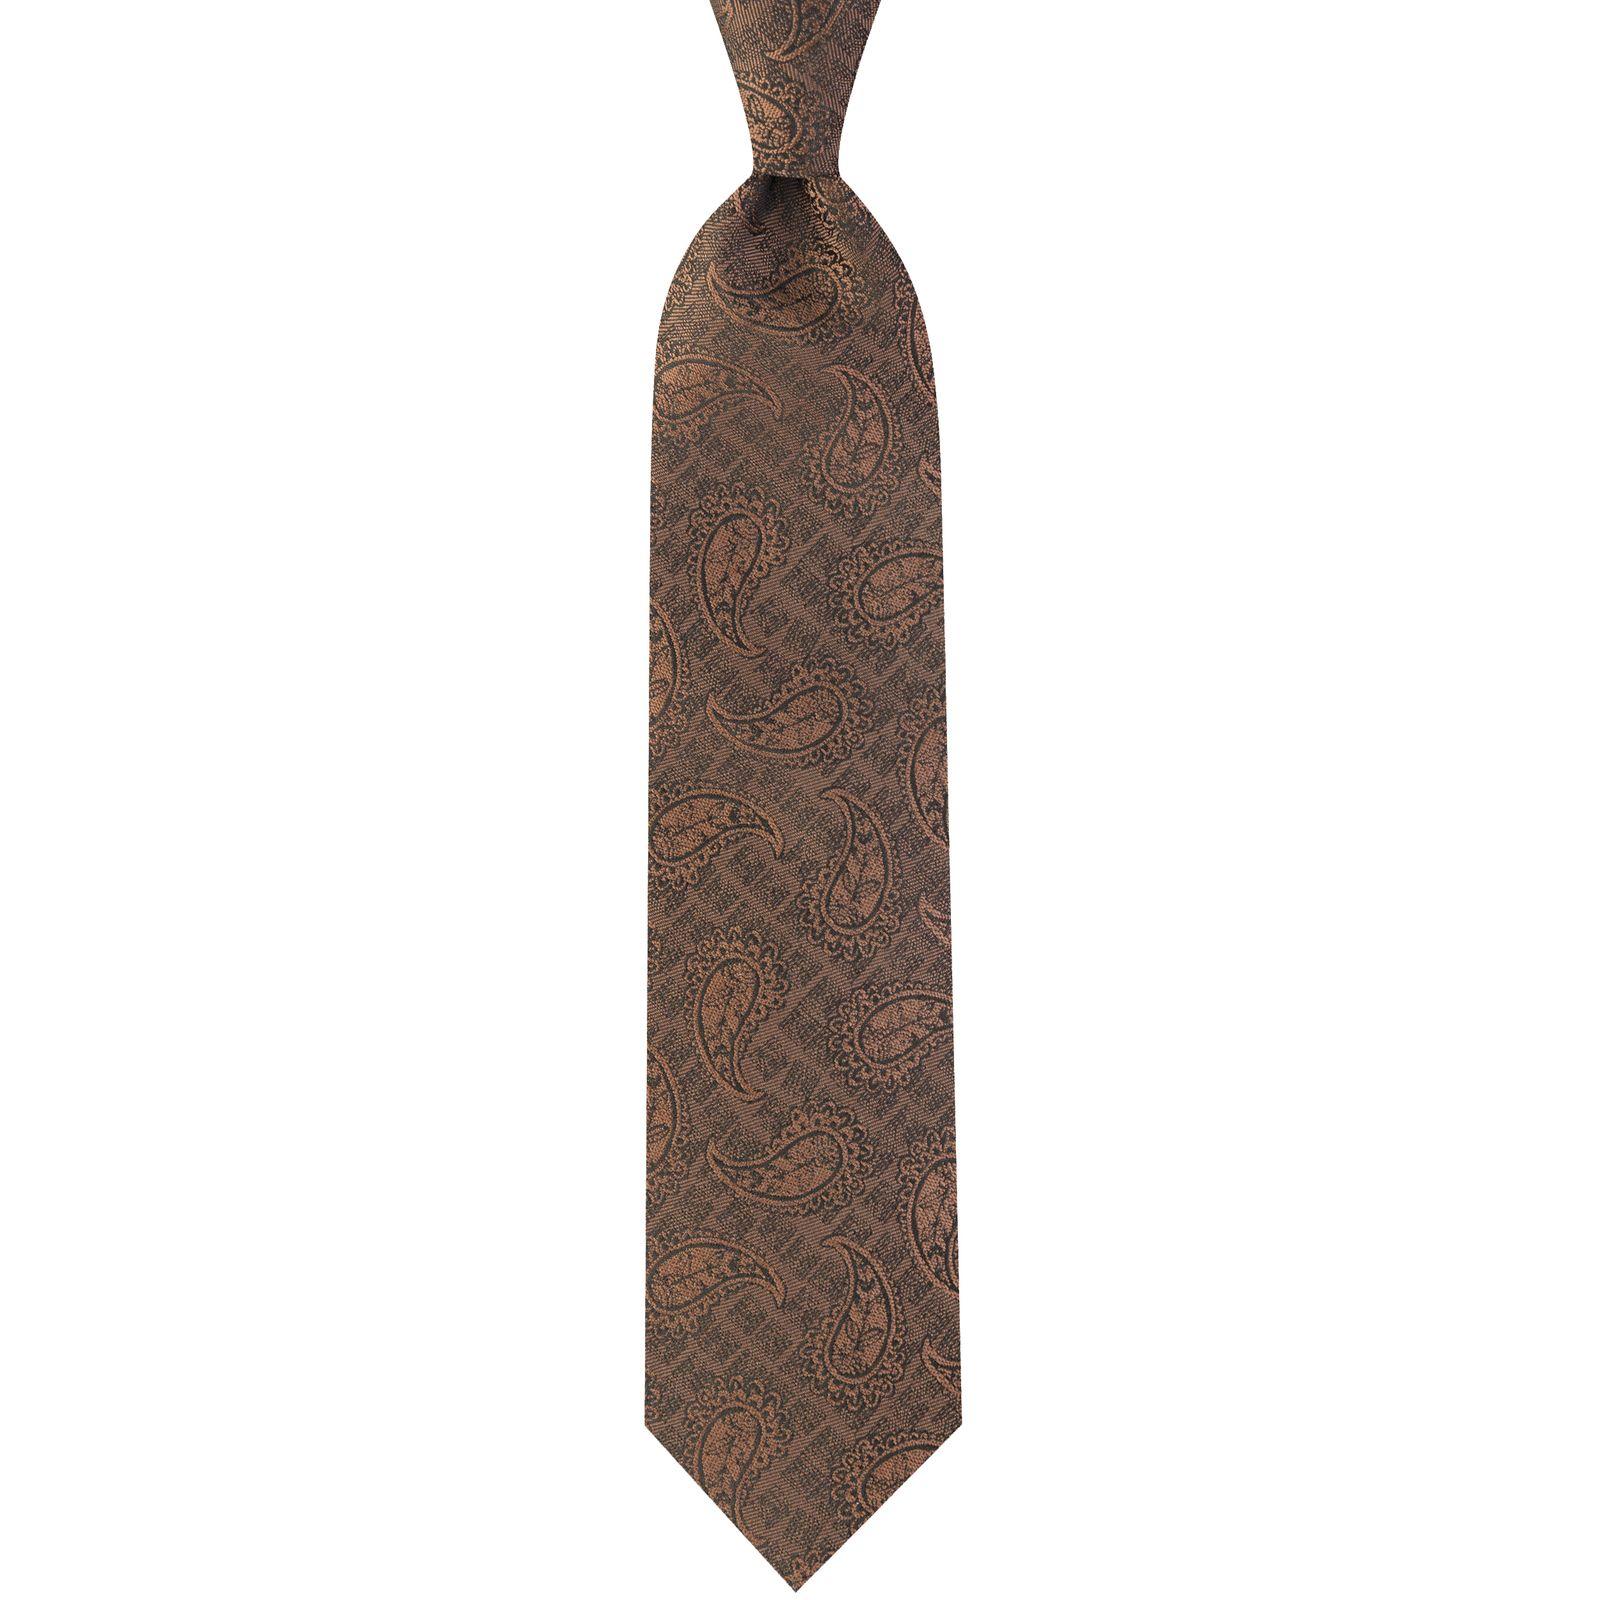 ست کراوات و دستمال جیب و گل کت مردانه جیان فرانکو روسی مدل GF-PA923-BR -  - 4